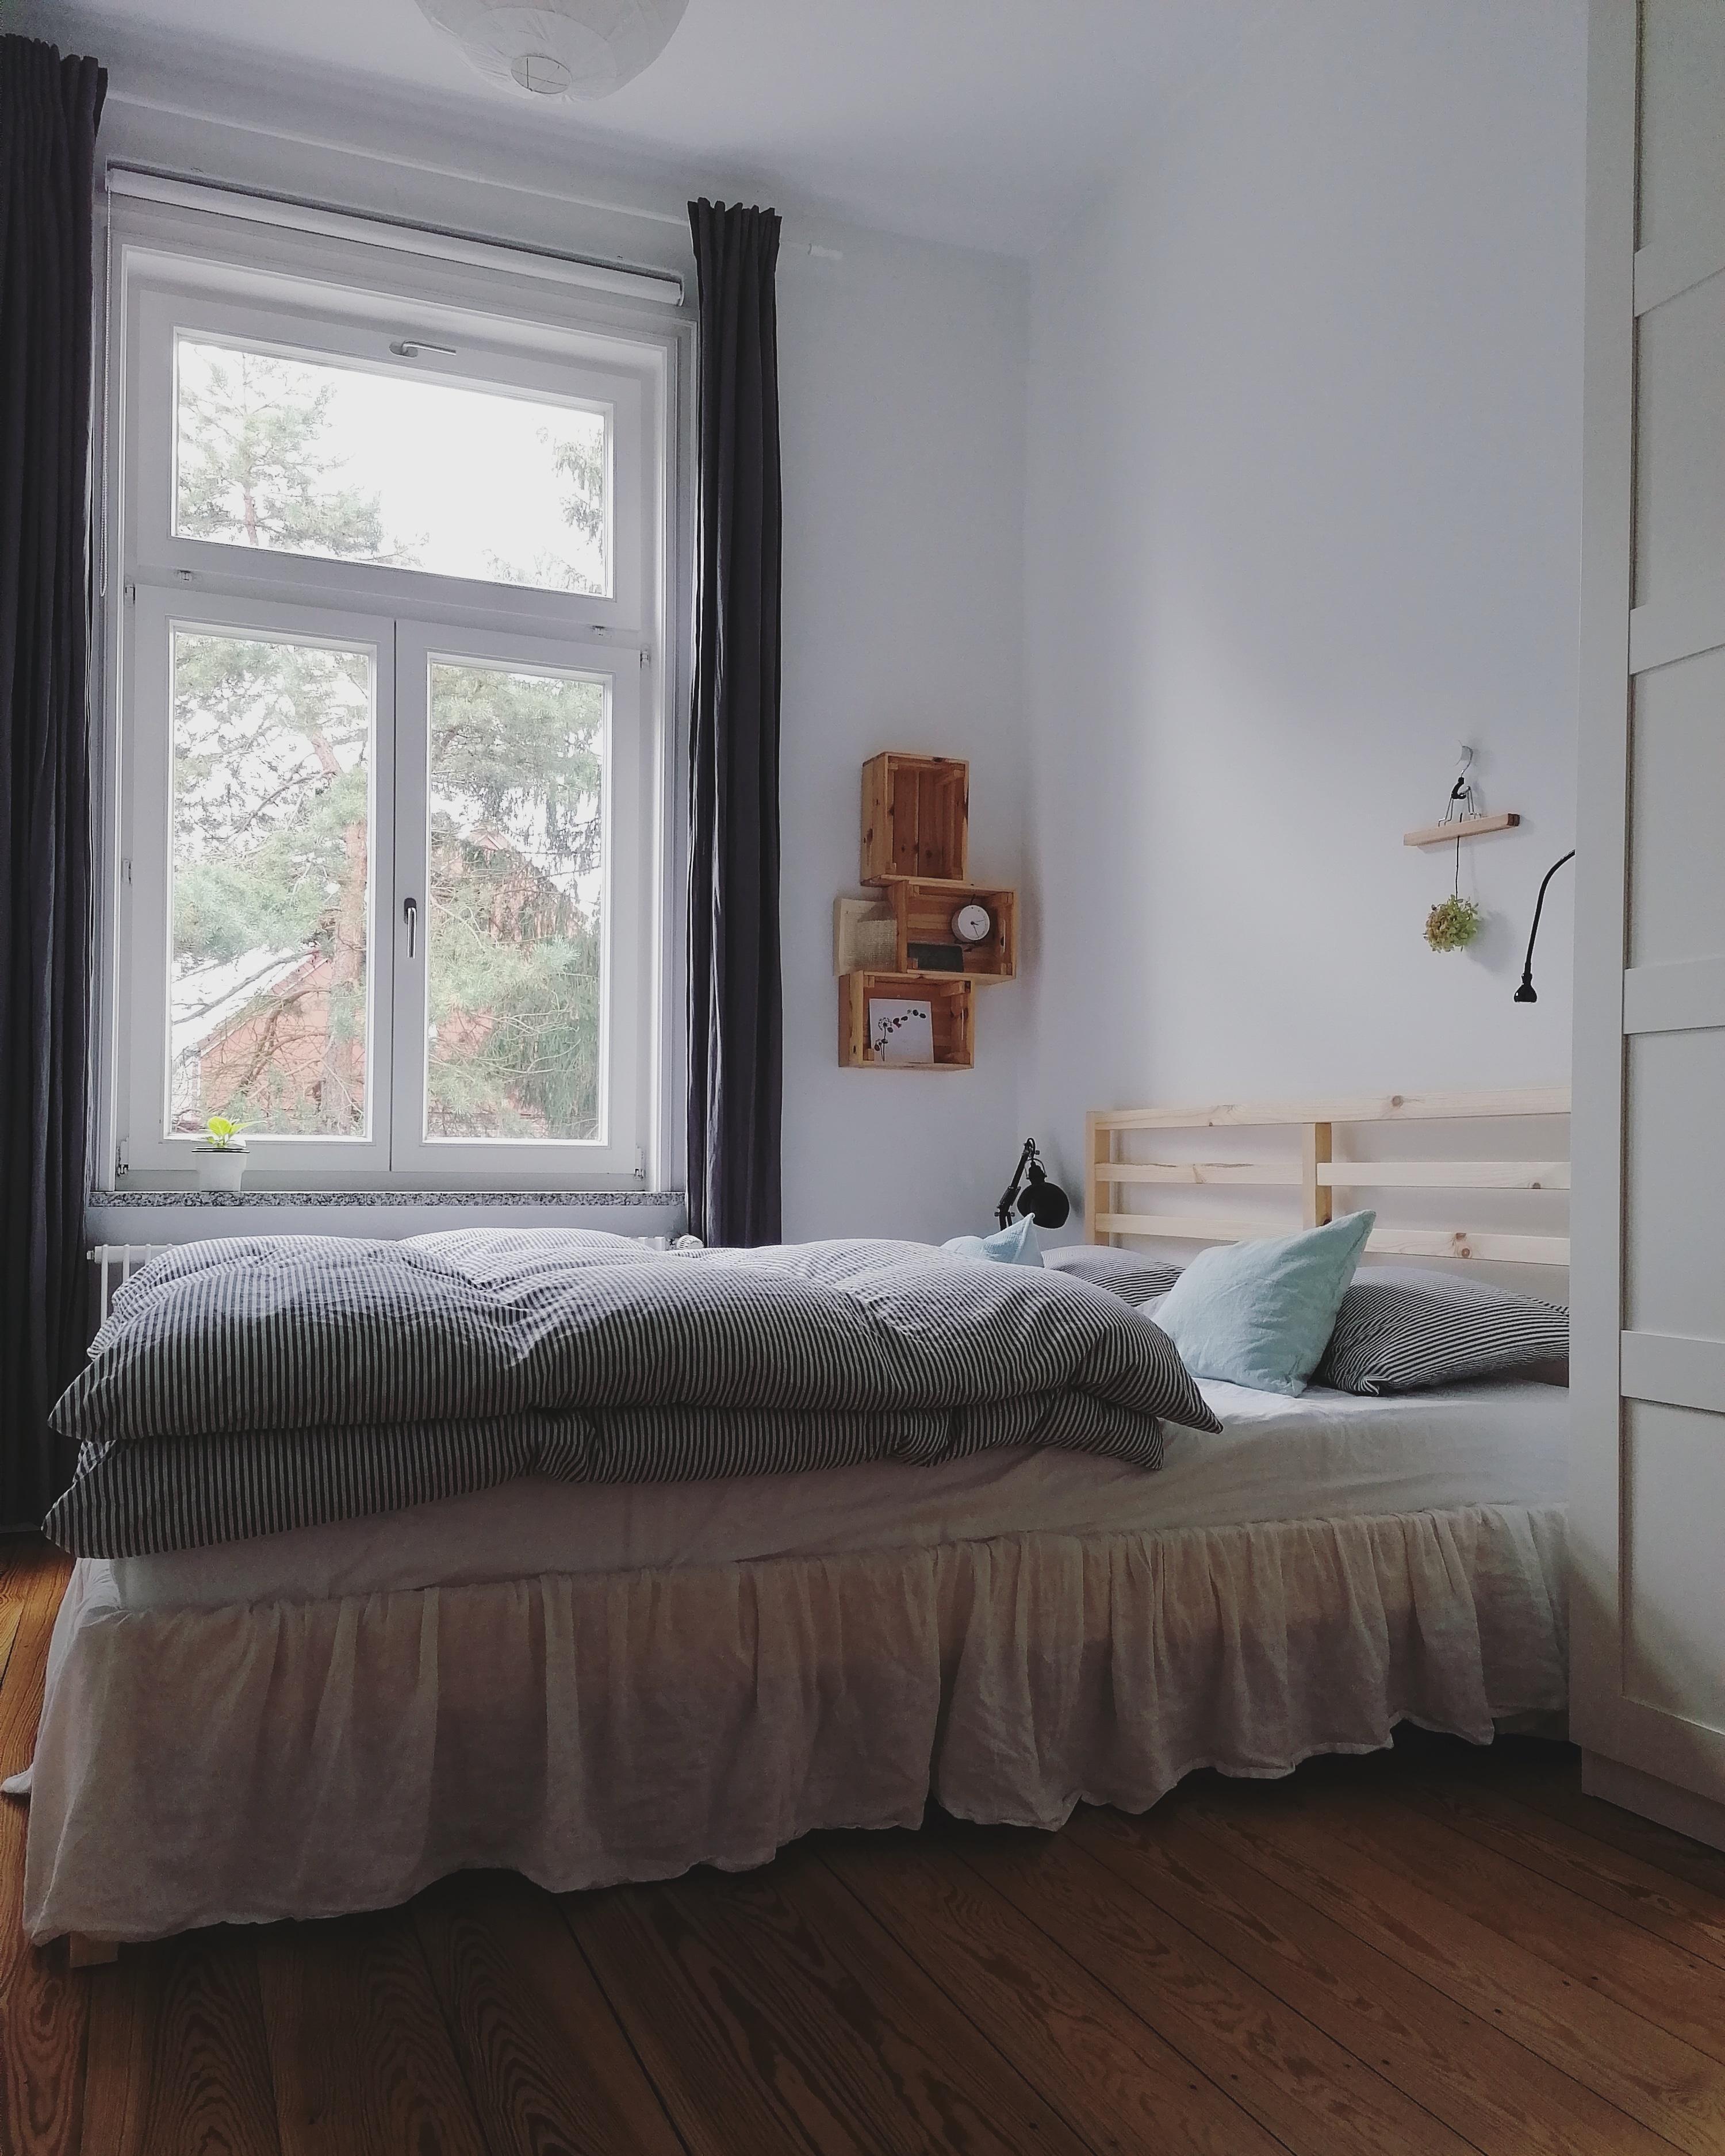 Kleine Schlafzimmer ausnutzen: So schaffst du Stauraum!